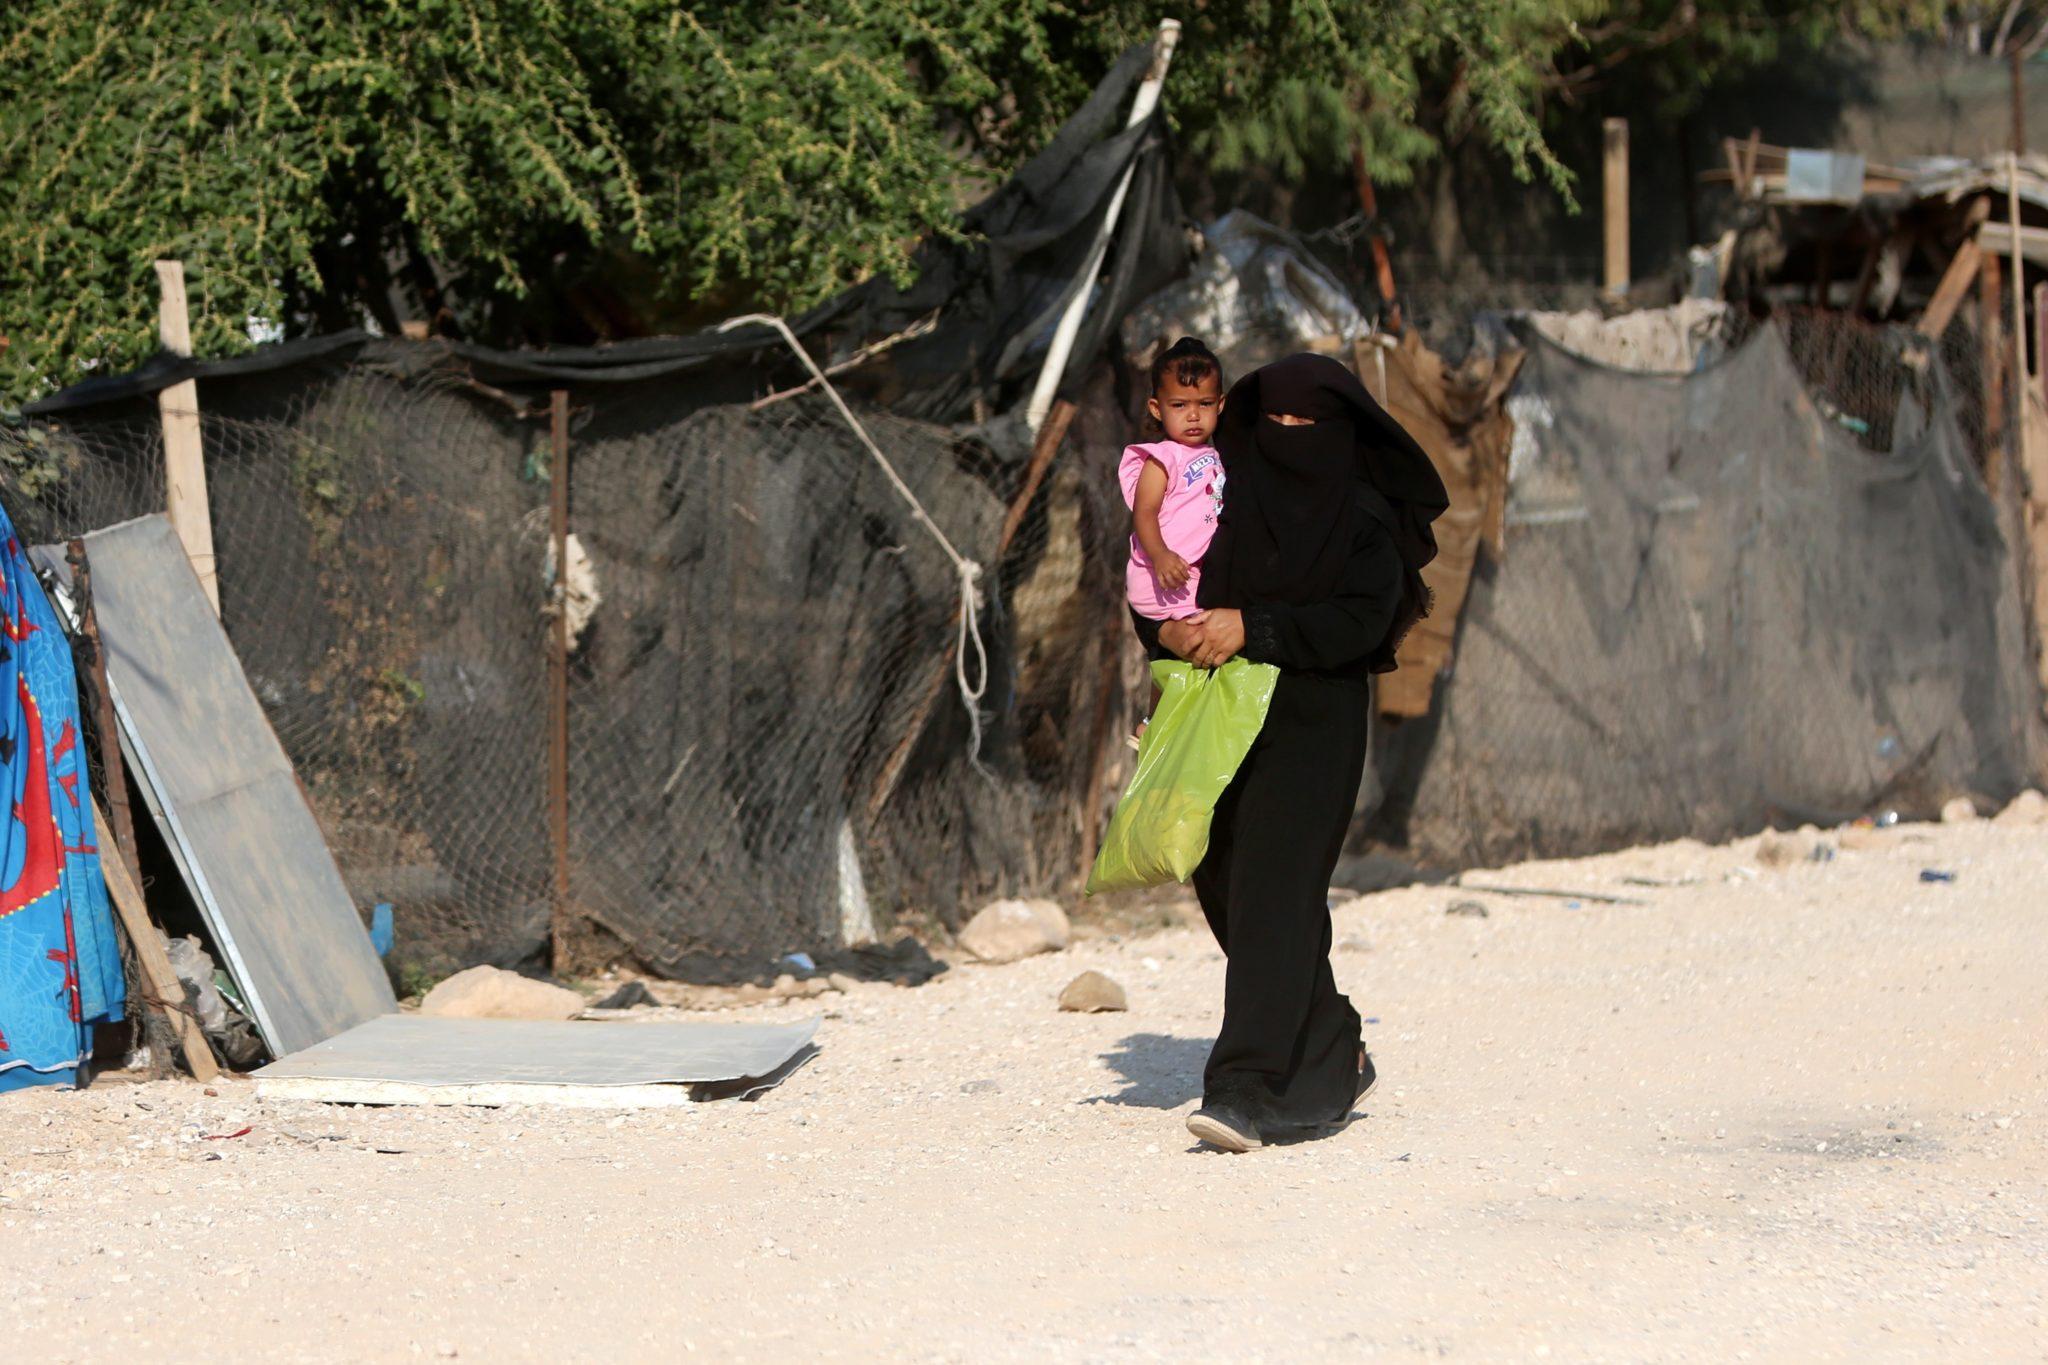 Beduińska kobieta nosi córkę pierwszego dnia nowego roku szkolnego w beduińskiej społeczności Khan al-Ahmar, położonej pomiędzy miastem Jerycho i Jerozolimą, w pobliżu izraelskiej osady Maale Adumi, fot. Shadi Hatem, PAP/EPA